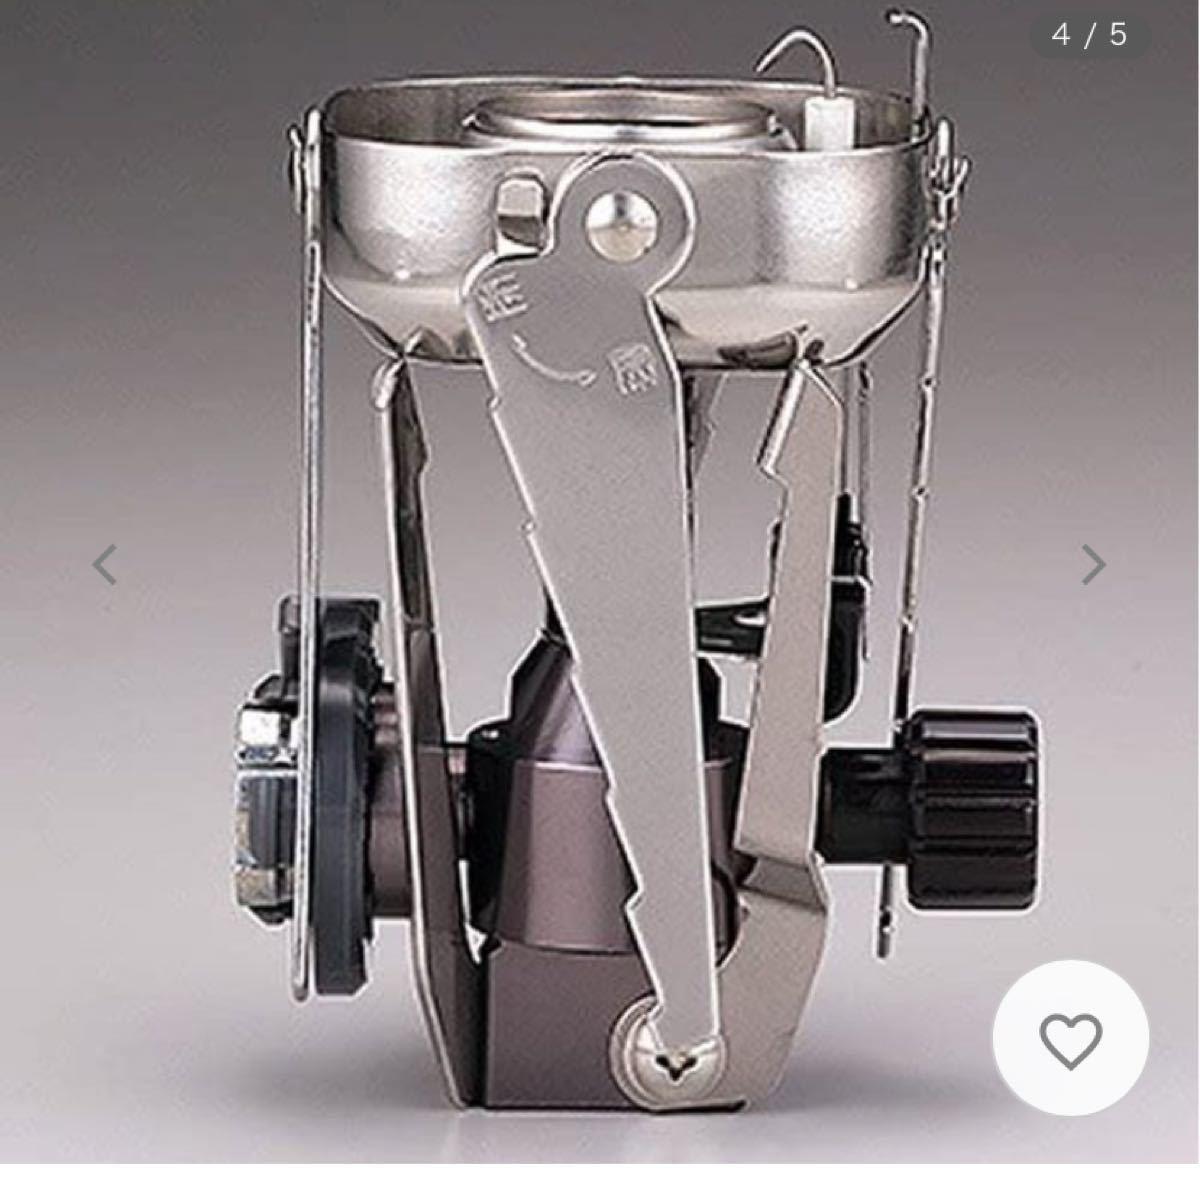 ガスバーナー イワタニ CB-JCB ジュニアコンパクトバーナー 専用ケース付 遮熱版セット!!! 新品